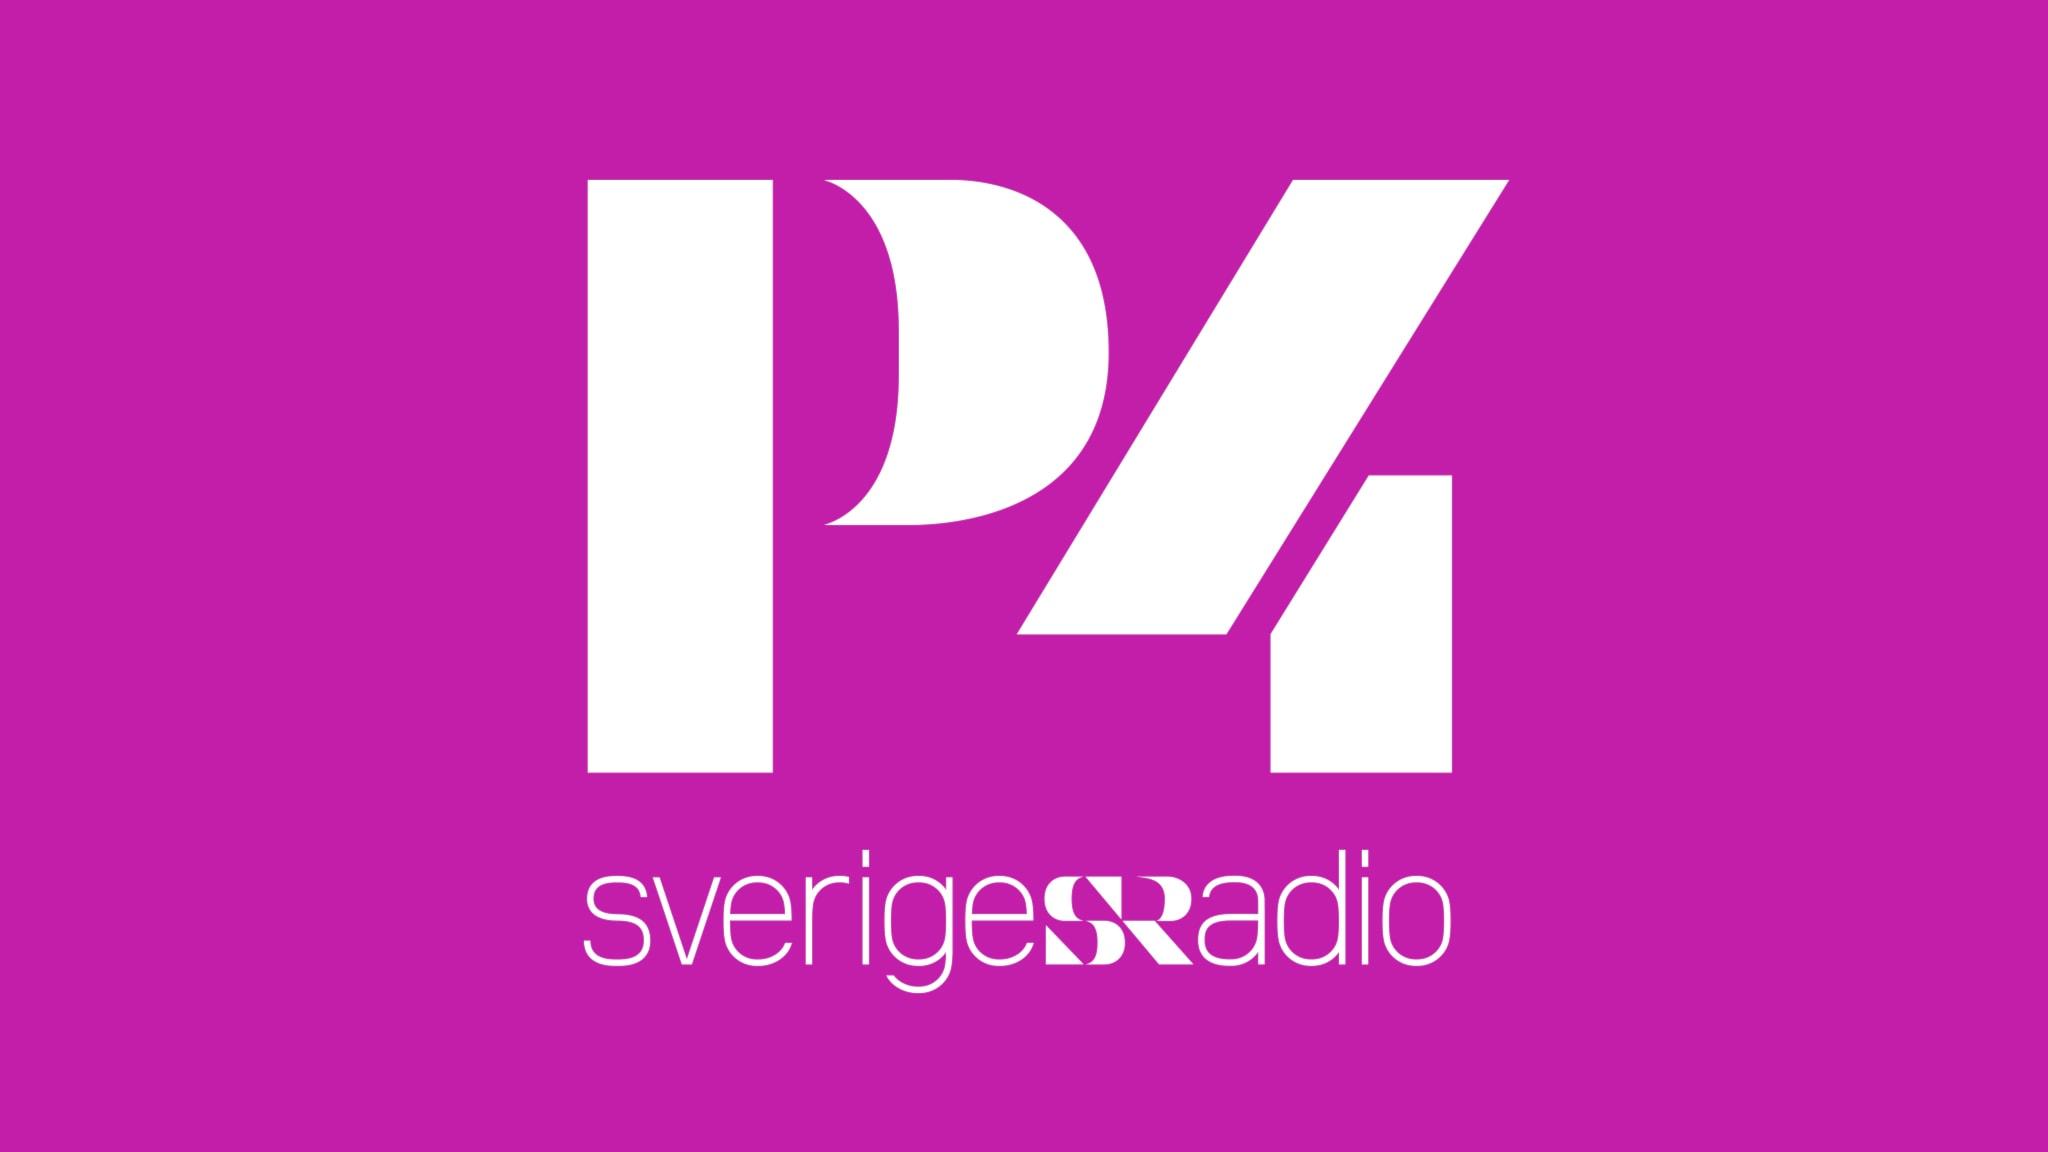 Trafik P4 Göteborg 20180706 08.05 (00.42)